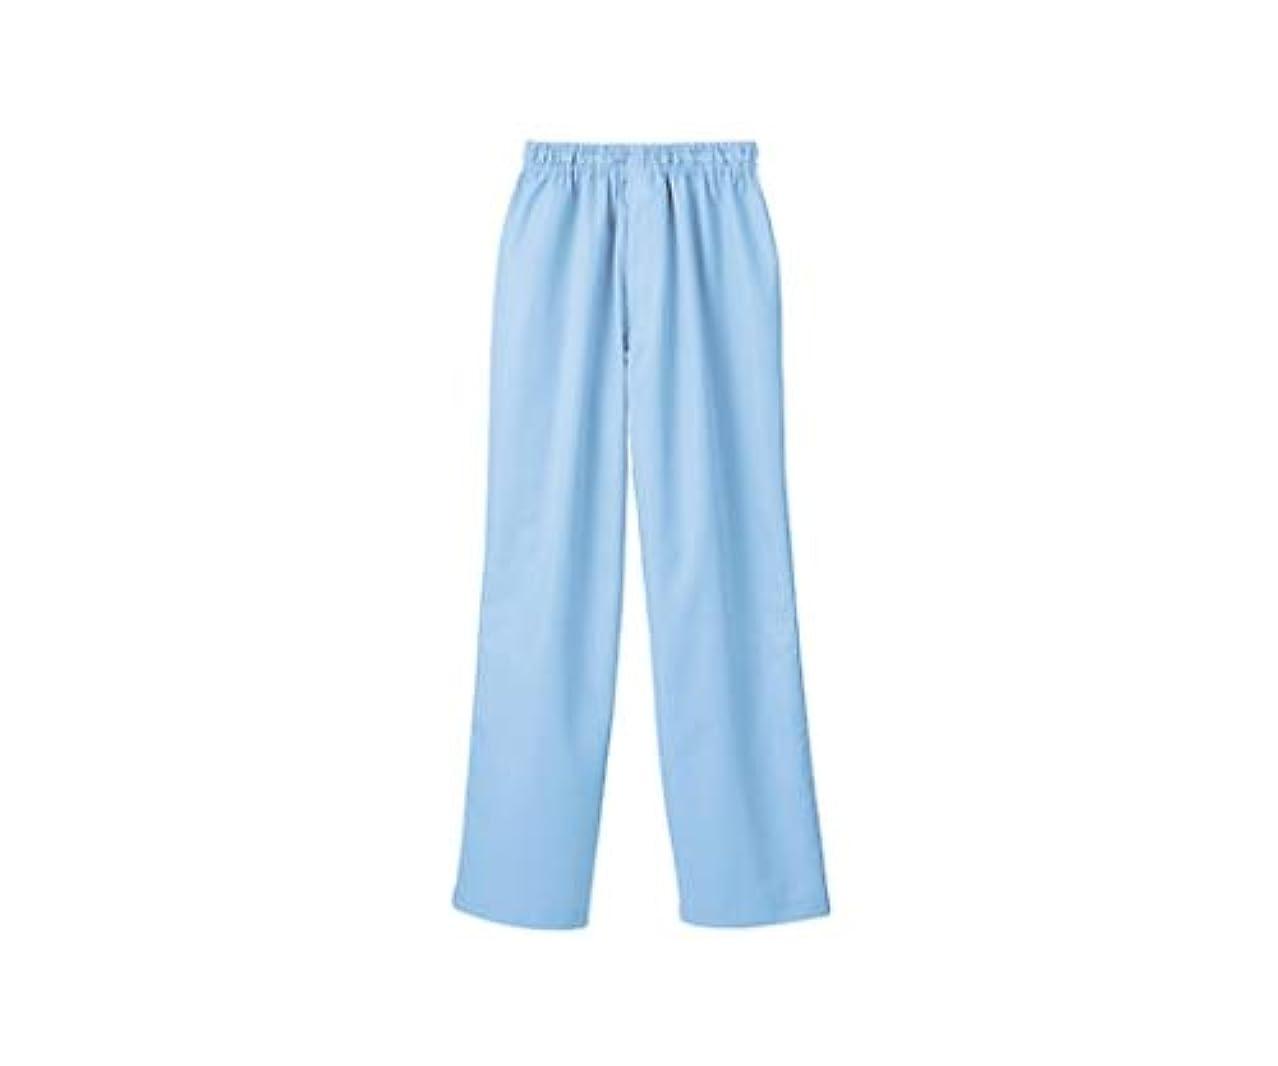 エイリアンランドマーク宇宙飛行士パンツ 男女兼用 ブルー 裾インナー付/61-6155-26